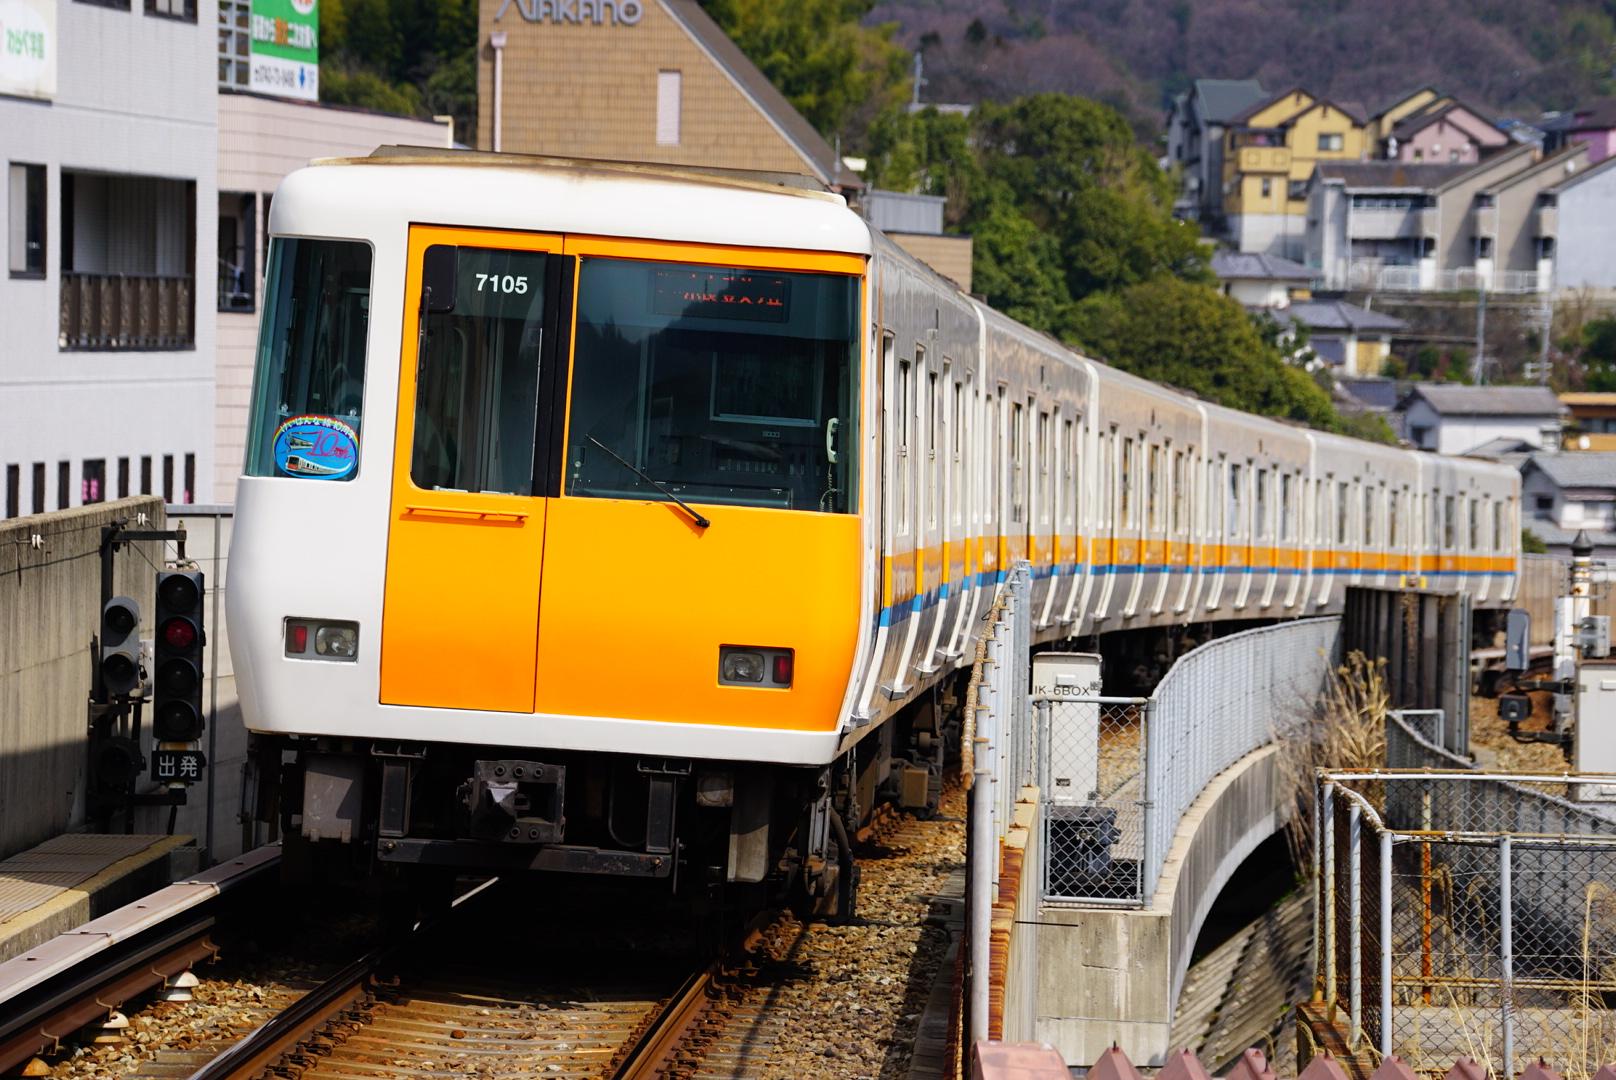 【近鉄】けいはんな線・中央線経由で奈良-夢洲間直通特急を検討?